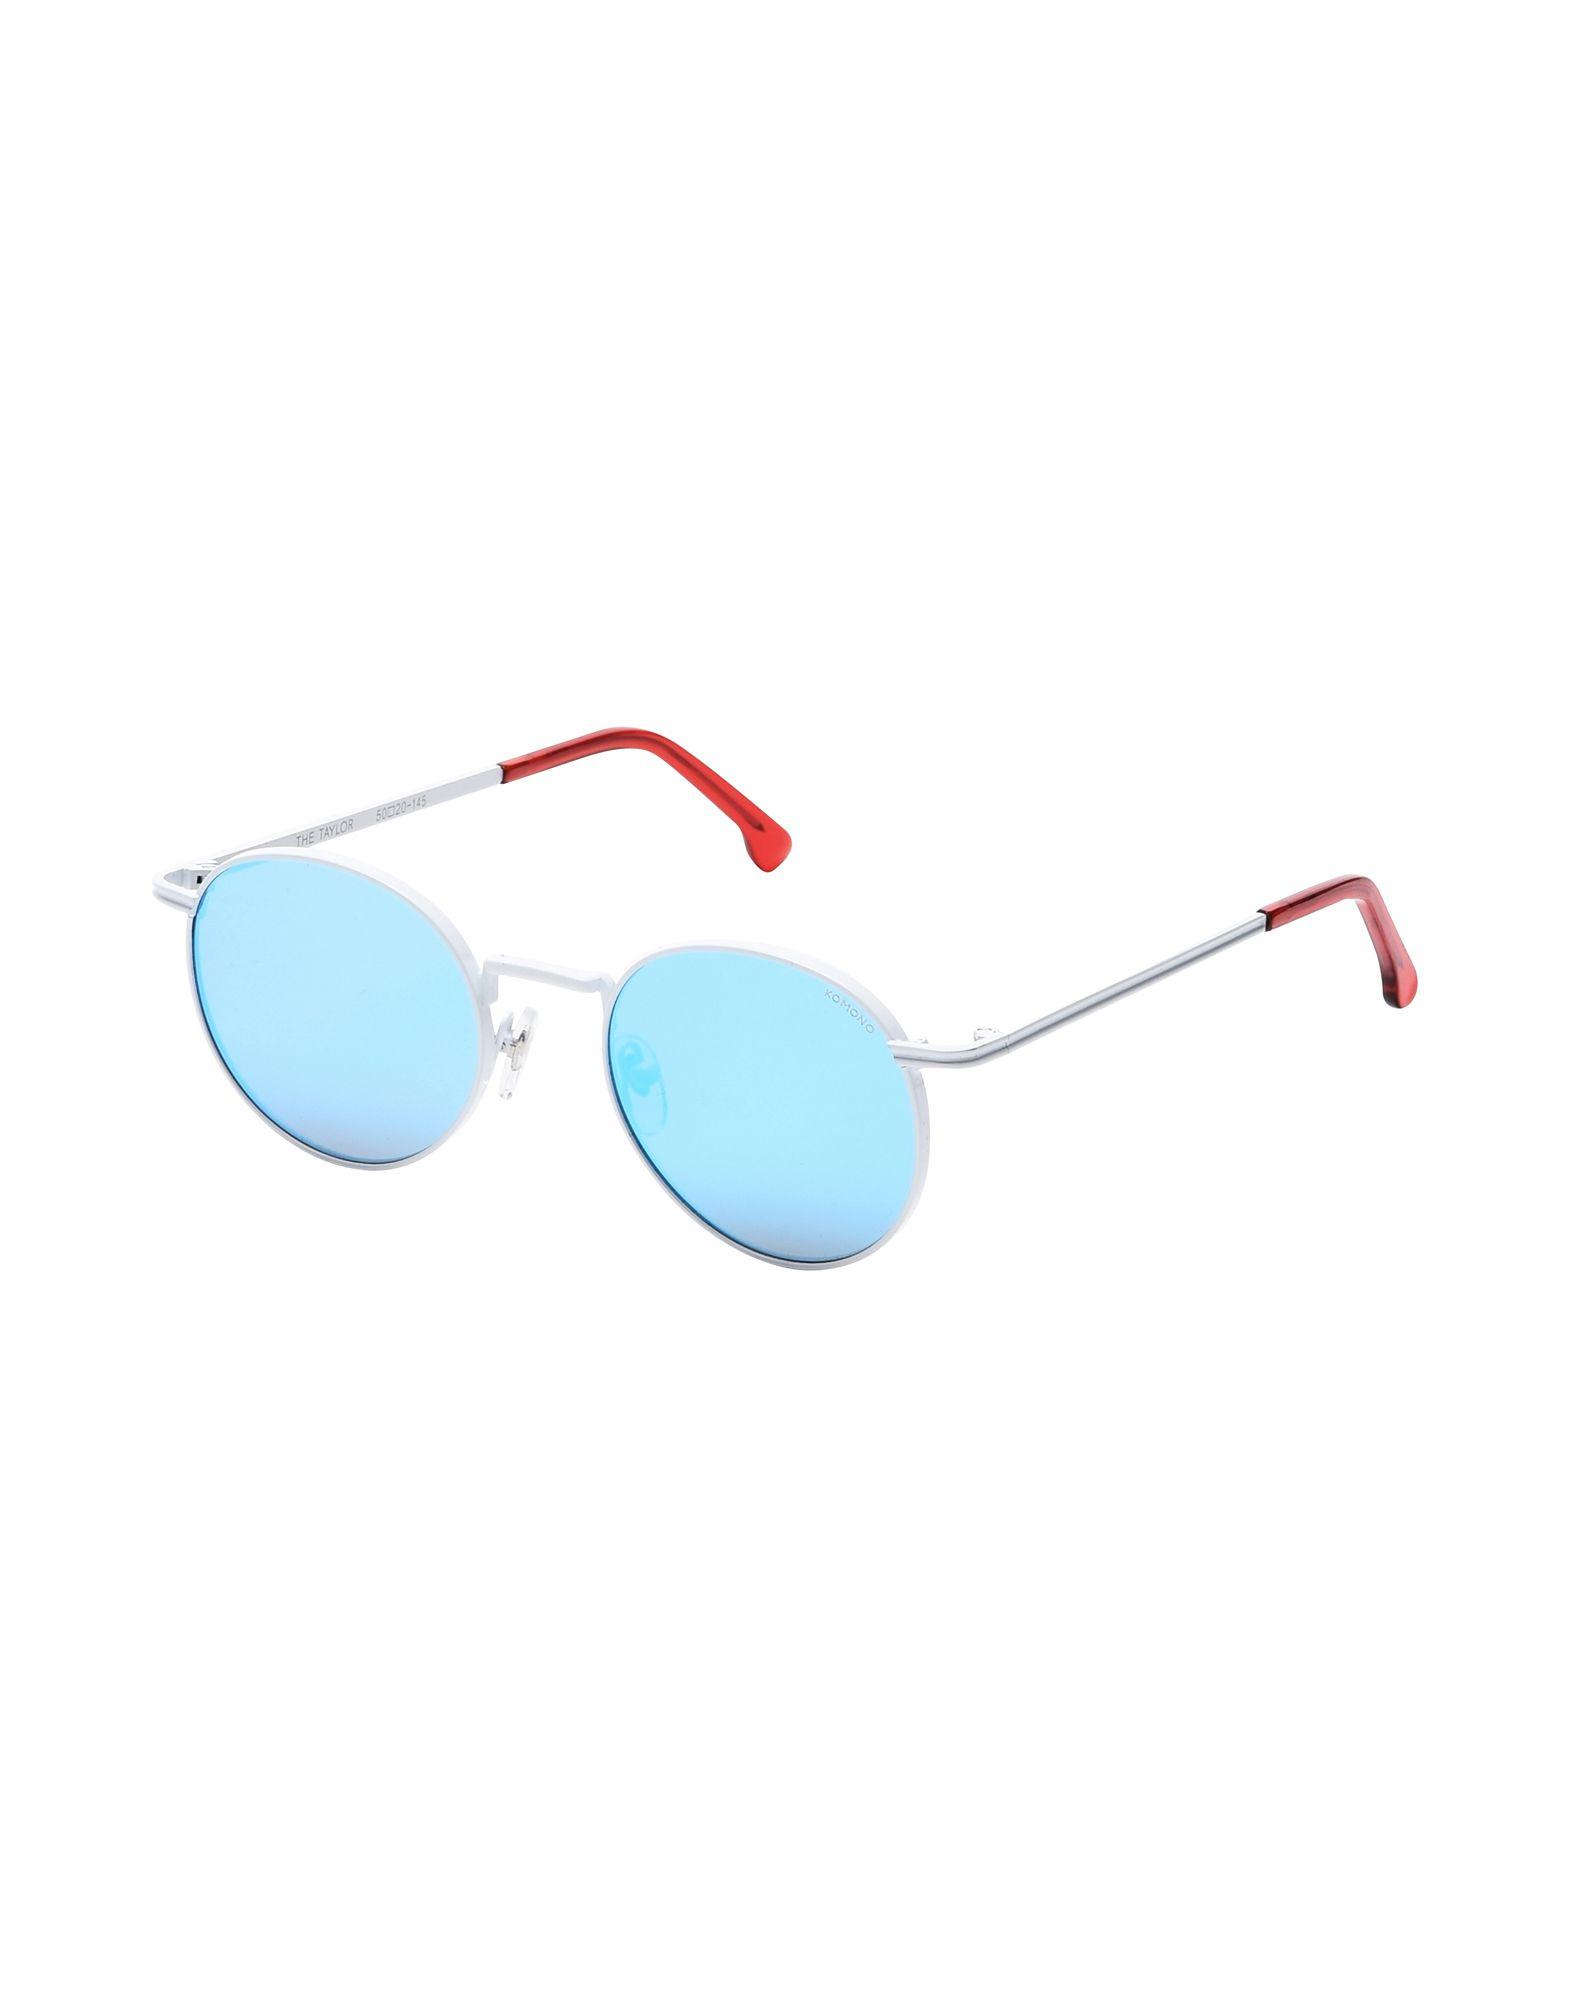 Occhiali Da Sole Komono Taylor - Racer White - Uomo - Acquista online su